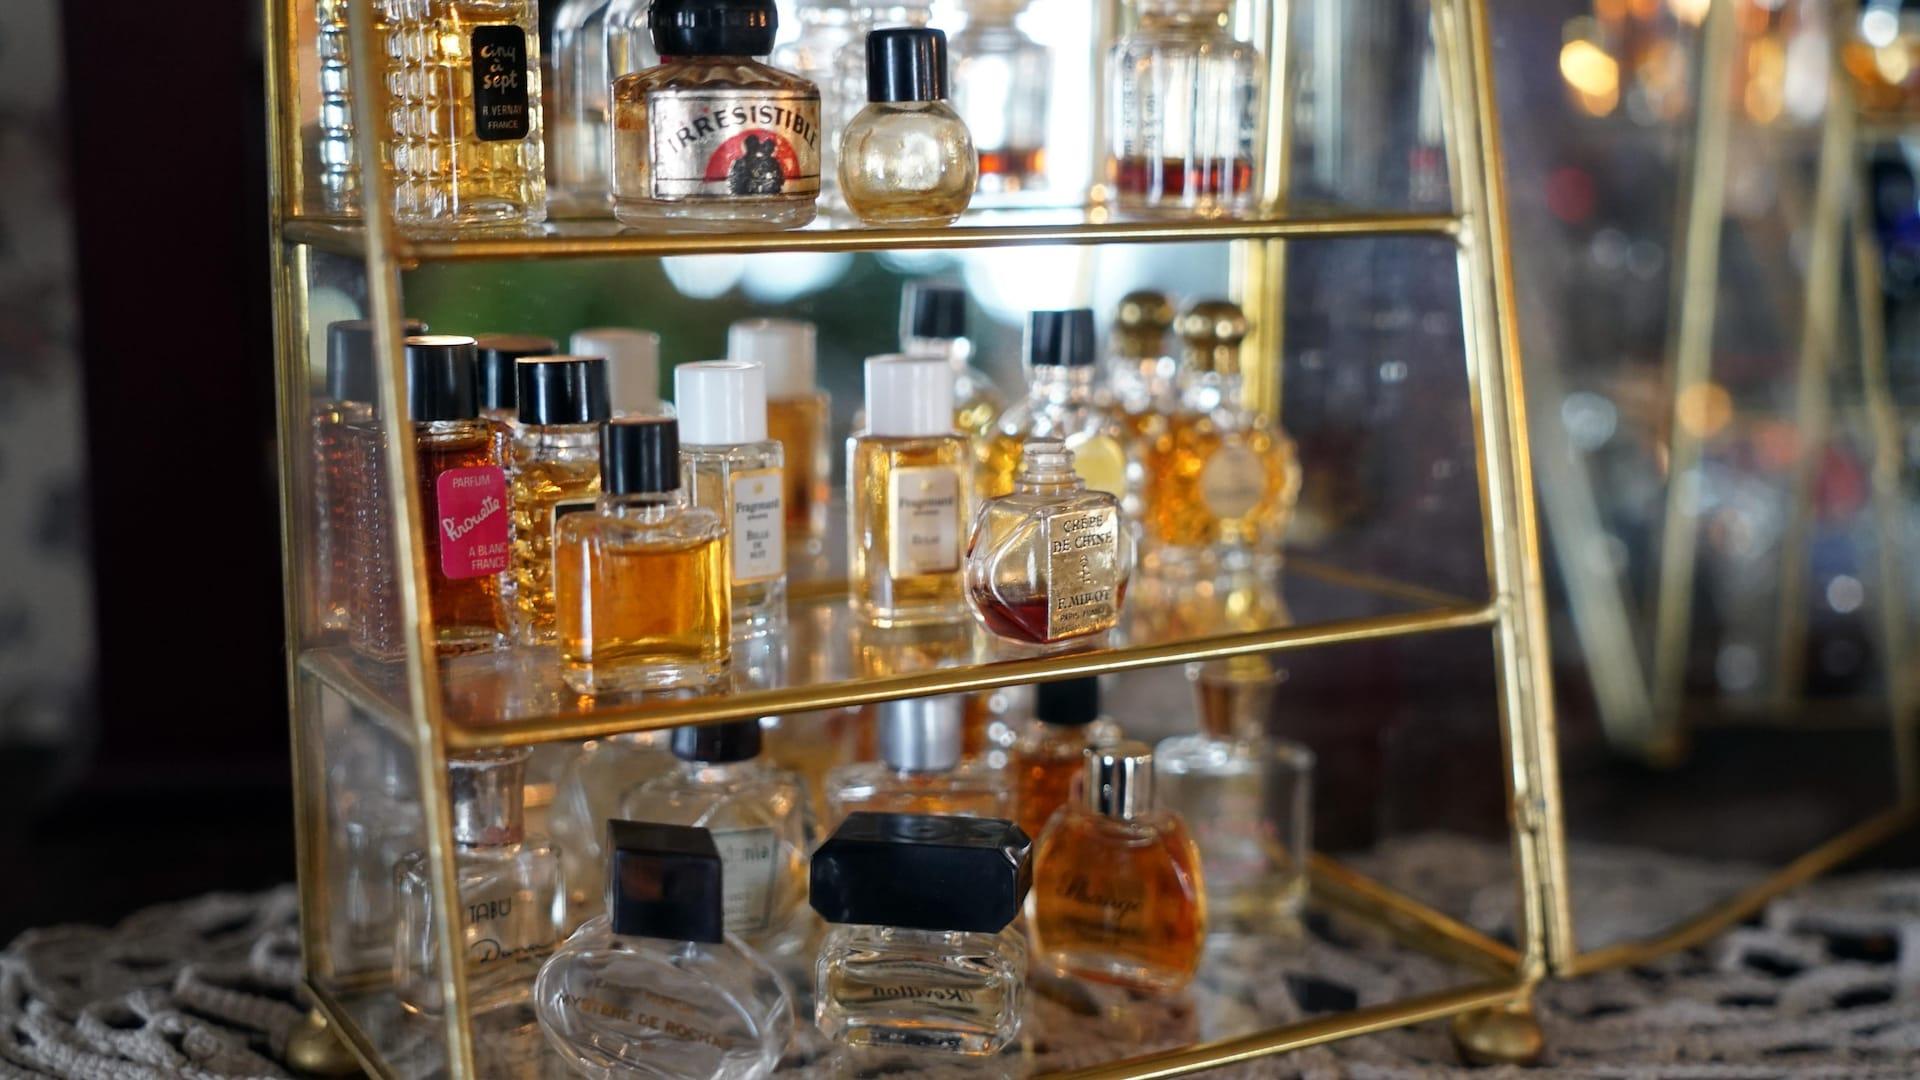 Quelques échantillons des nombreux parfums exposés dans la pièce.